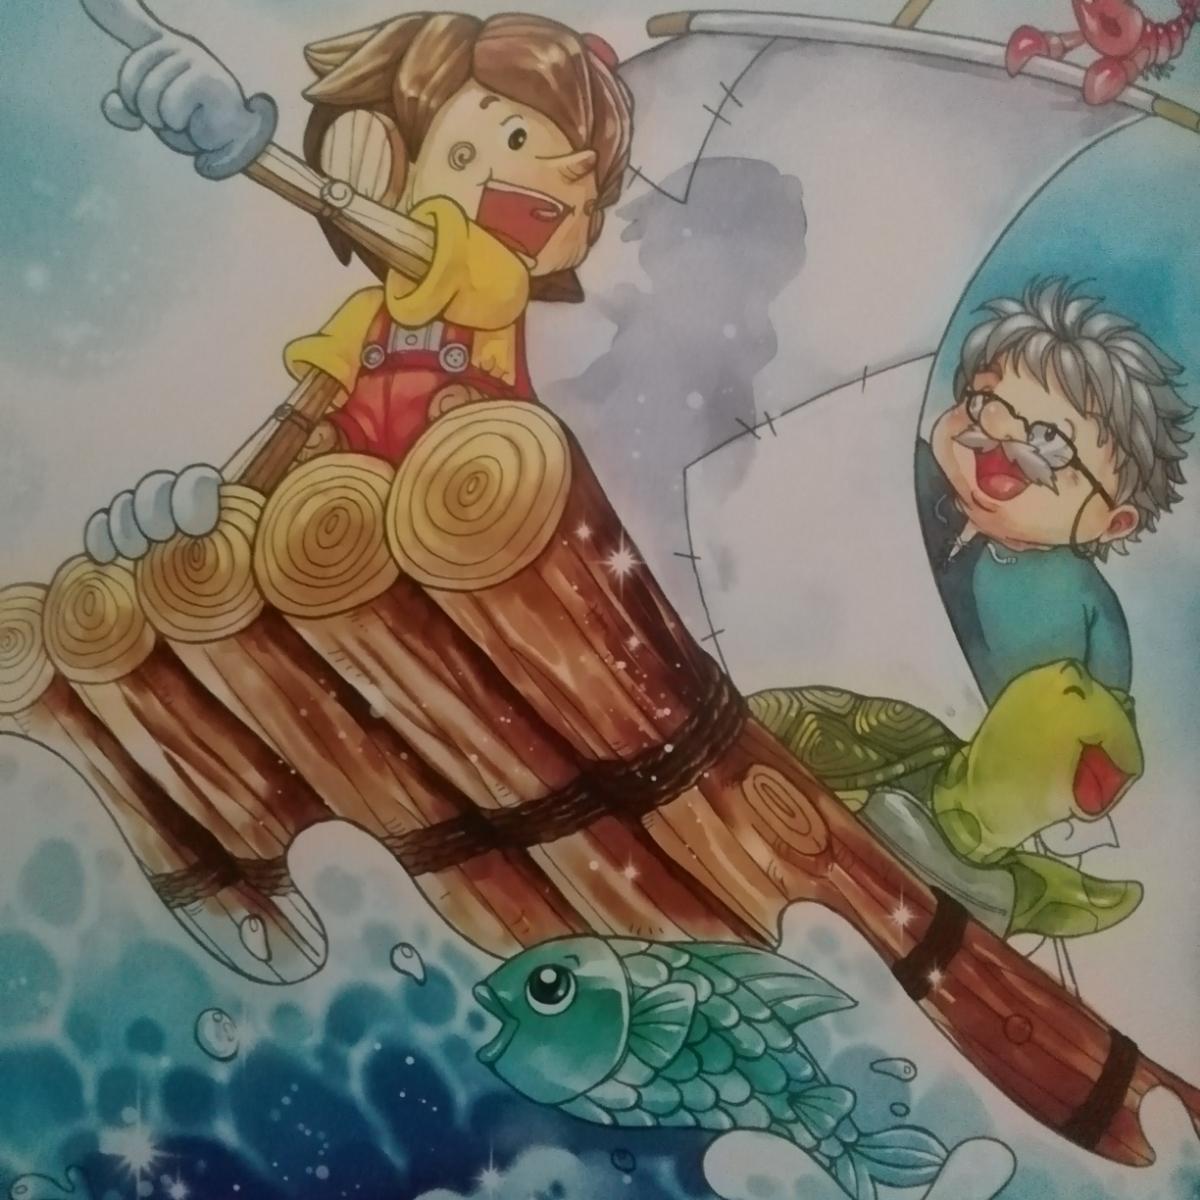 世界经典童话故事《木偶奇遇记》